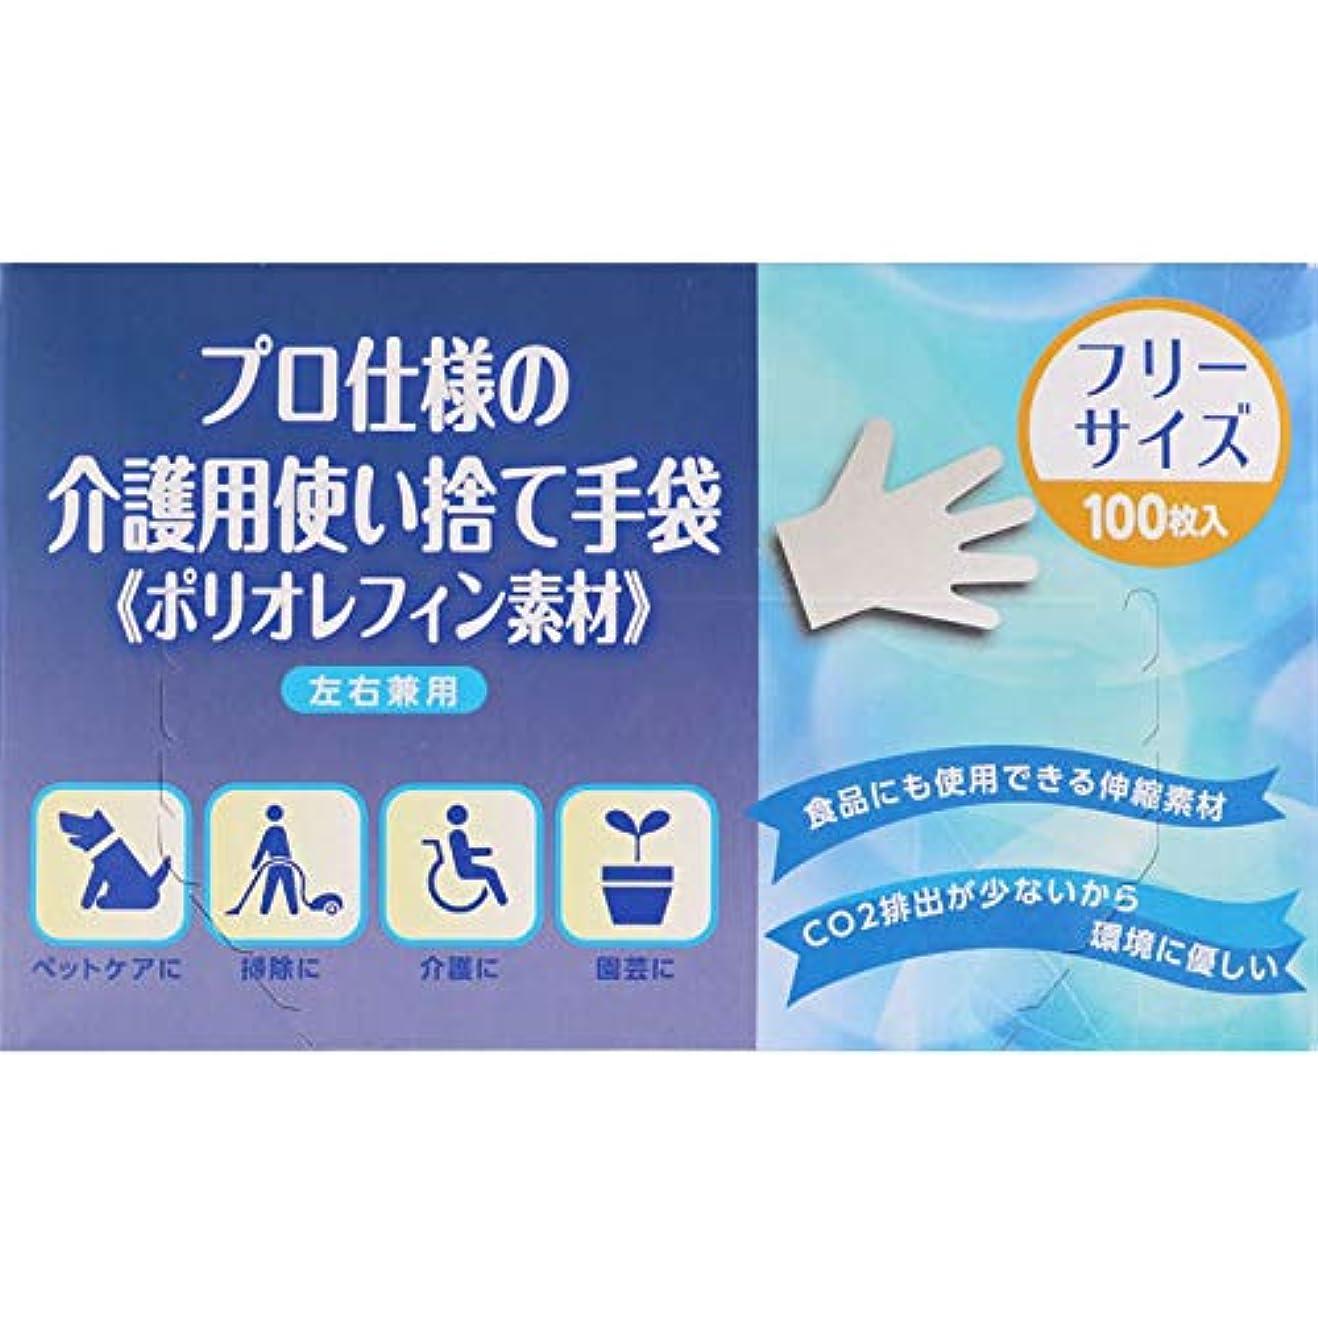 船葬儀南西【10個セット】プロ仕様の介護用使い捨て手袋《ポリオレフィン素材》 100枚